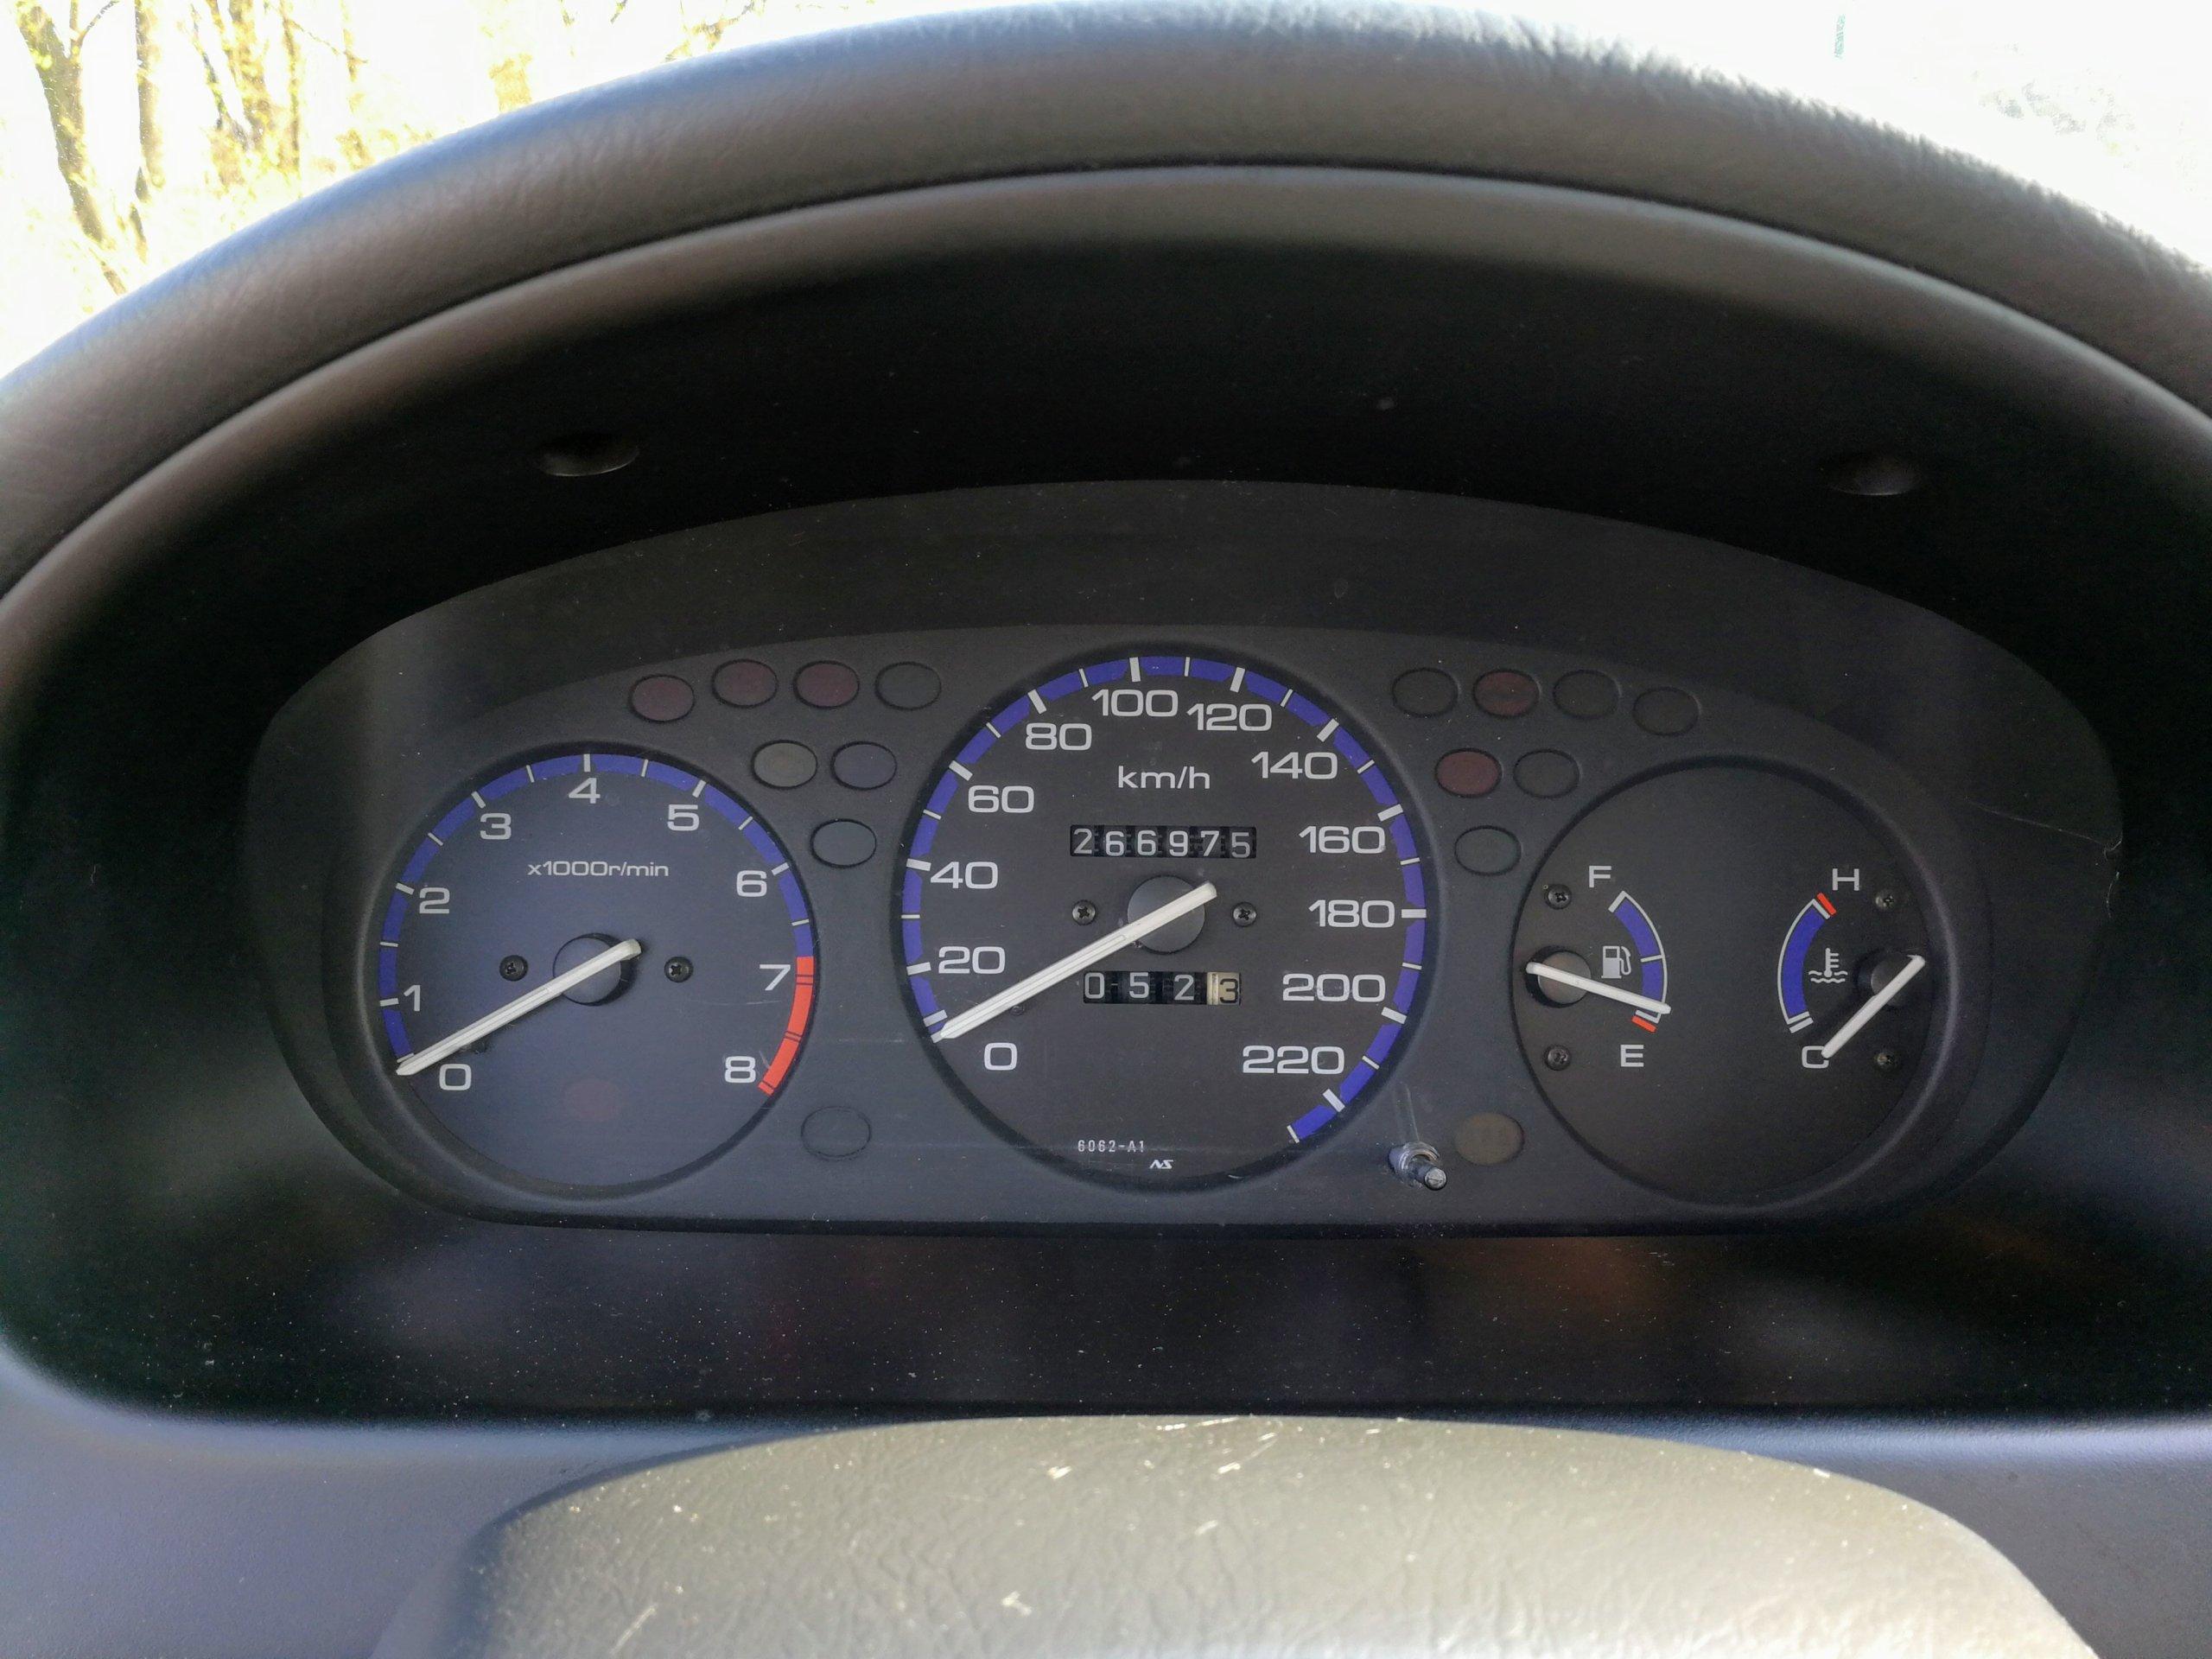 Honda Civic Vi 14 90 Km 1996 Wa 7288062706 Oficjalne Fuel Gauge